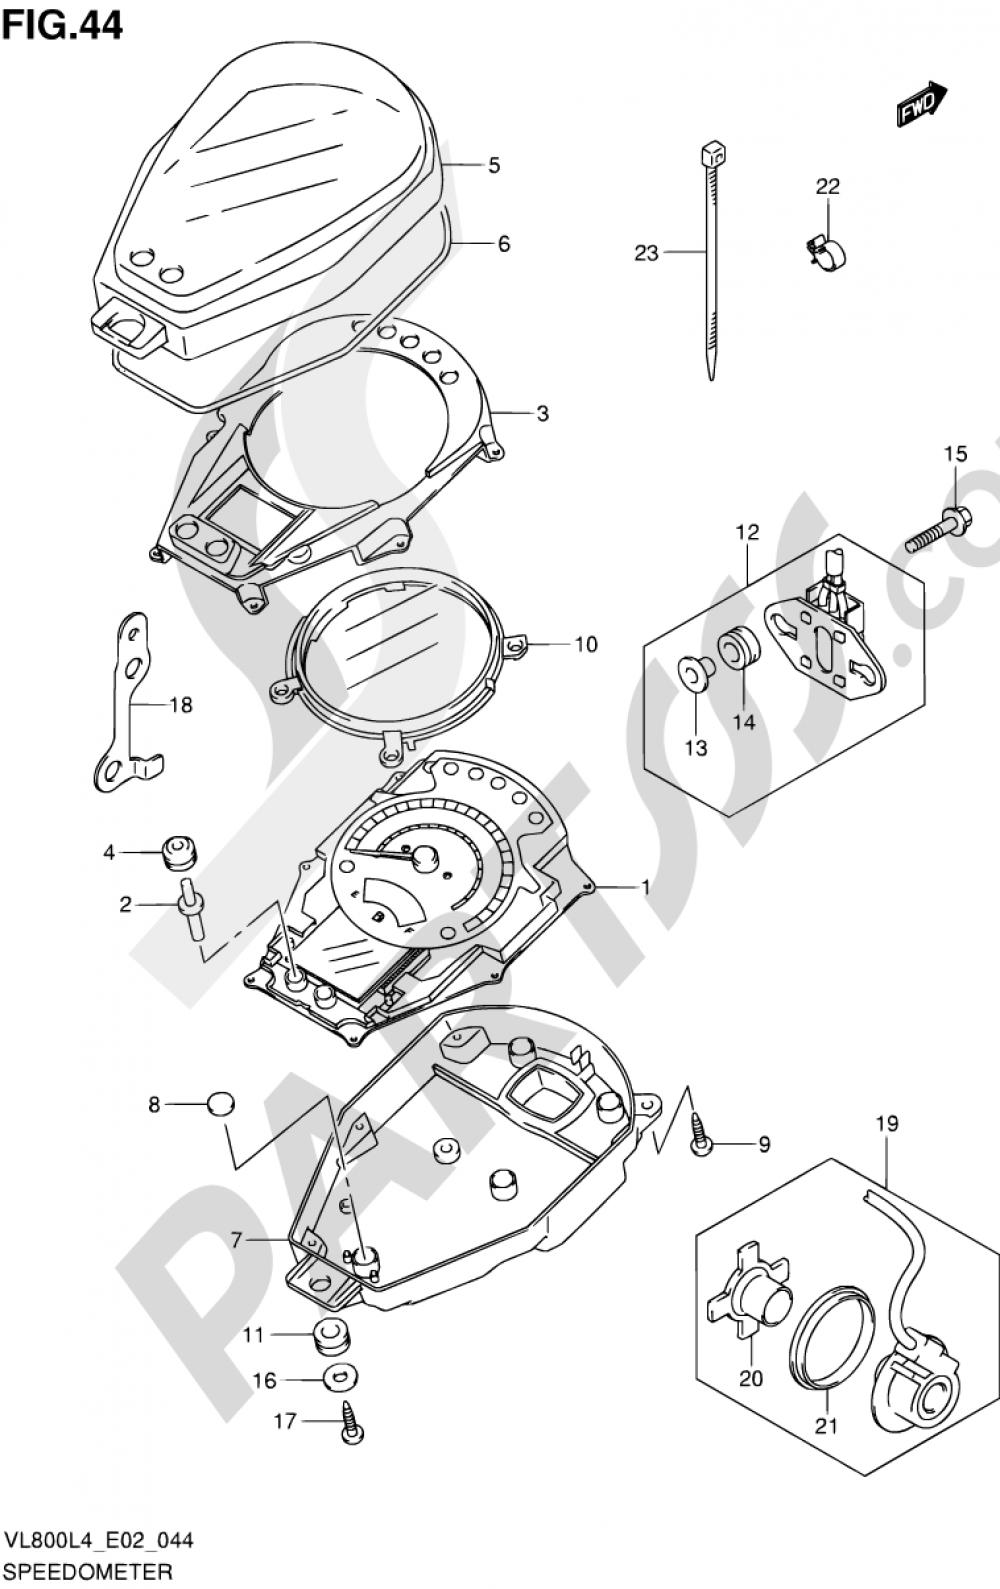 44 - SPEEDOMETER (VL800CUEL4 E19) Suzuki INTRUDER VL800 2014